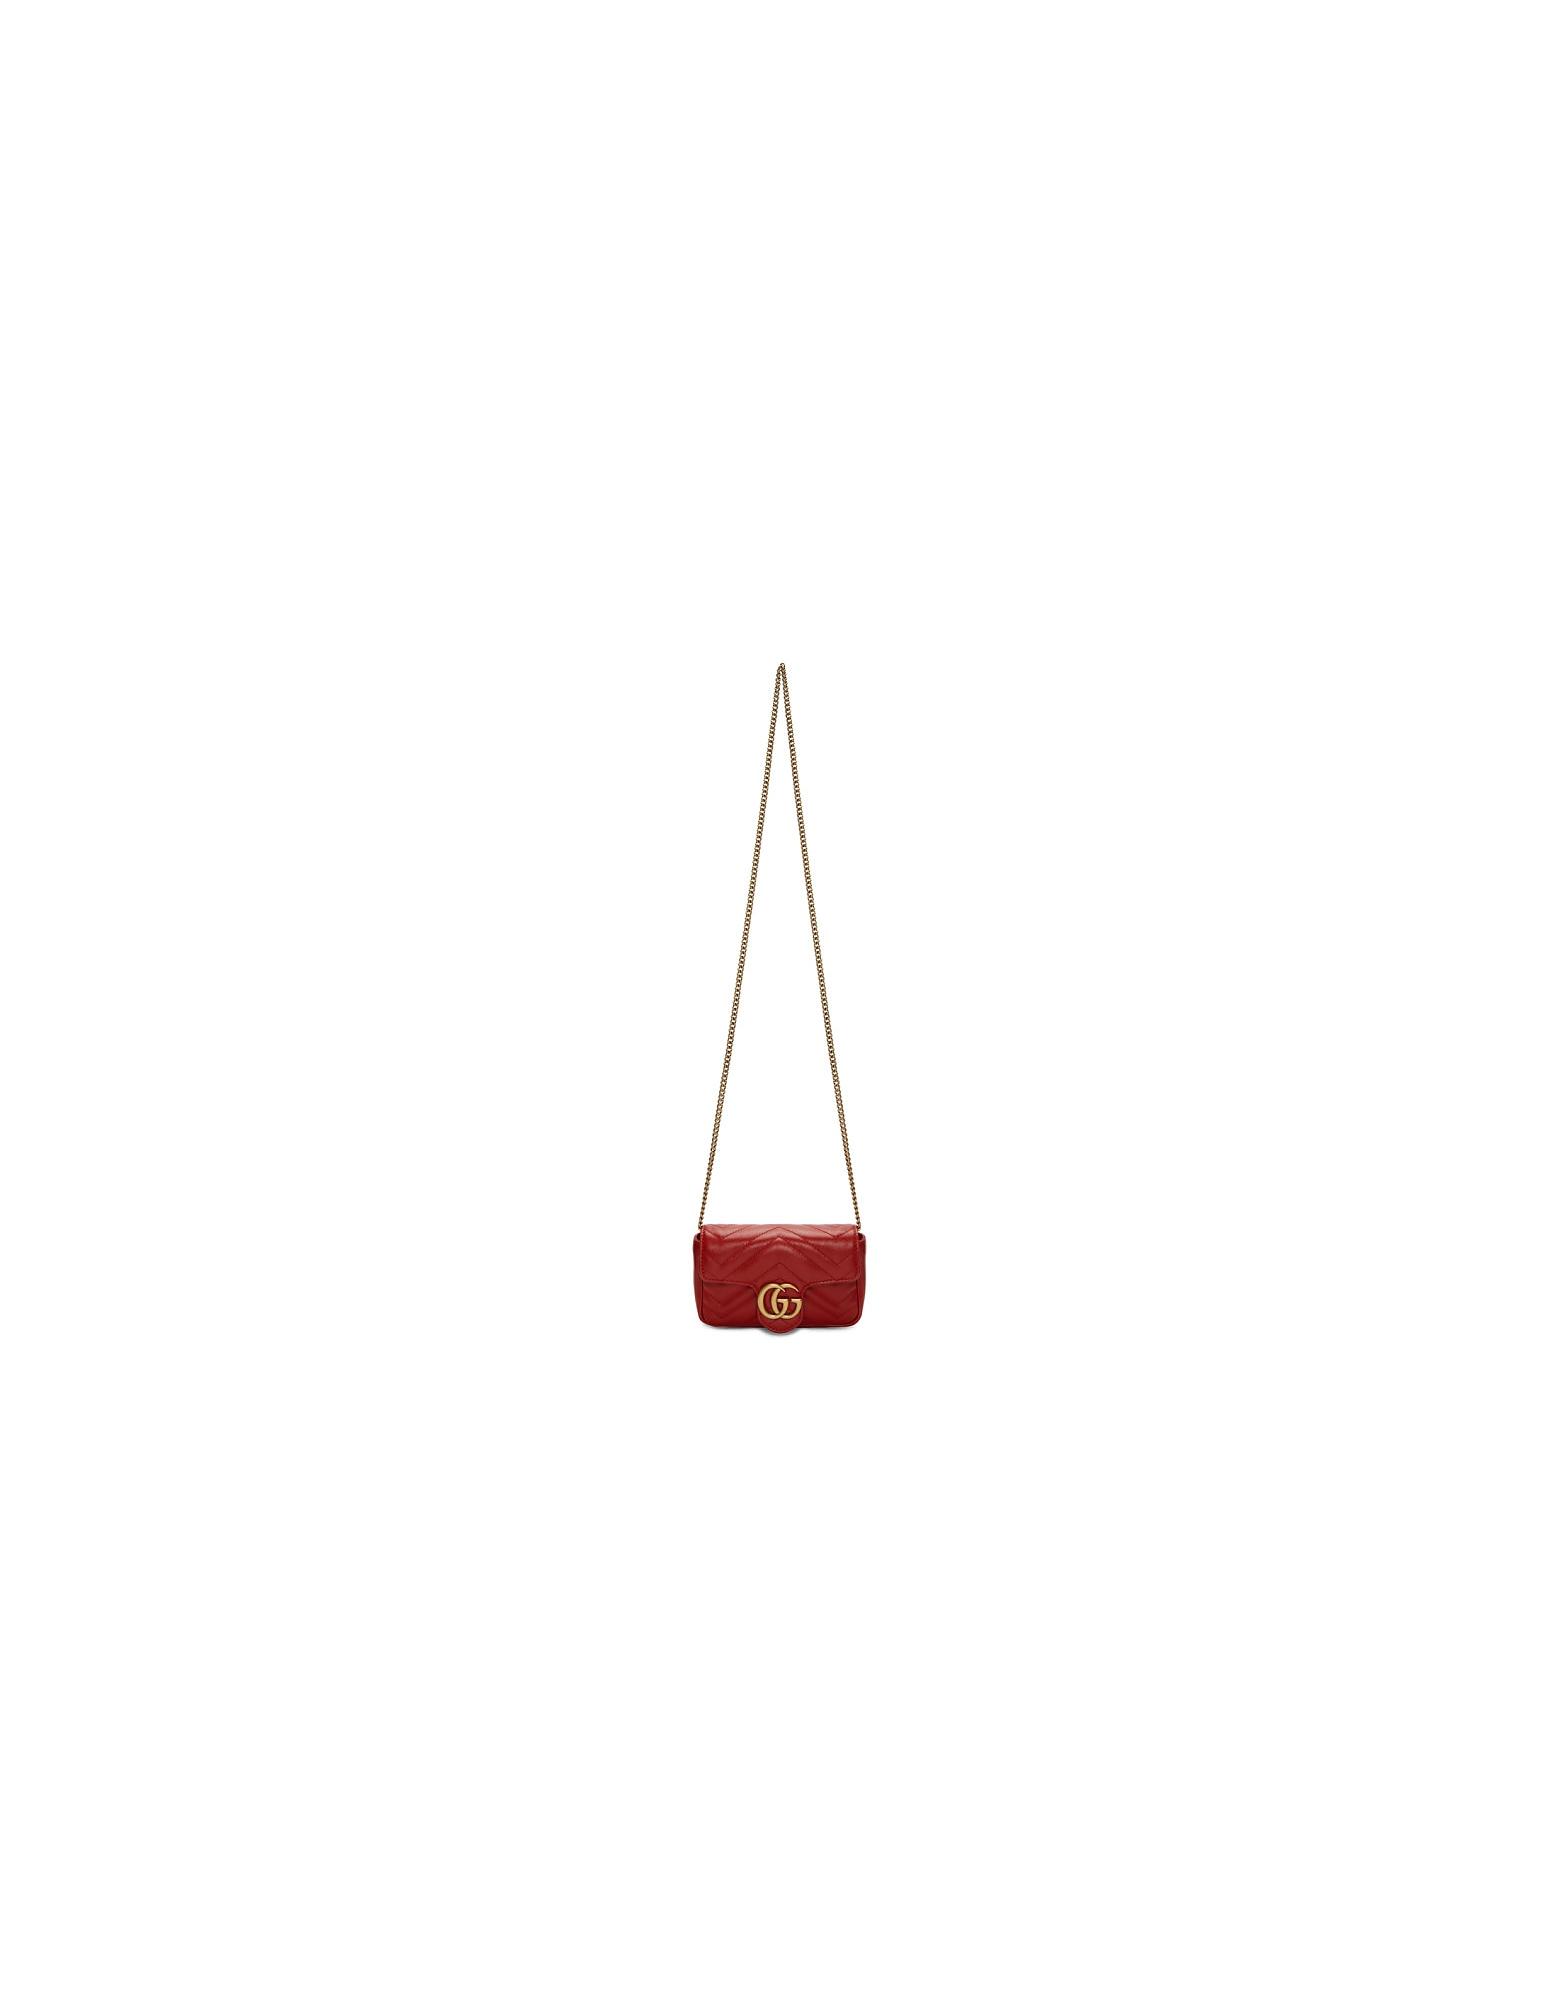 Gucci Designer Handbags, Red Super Mini GG Marmont Bag